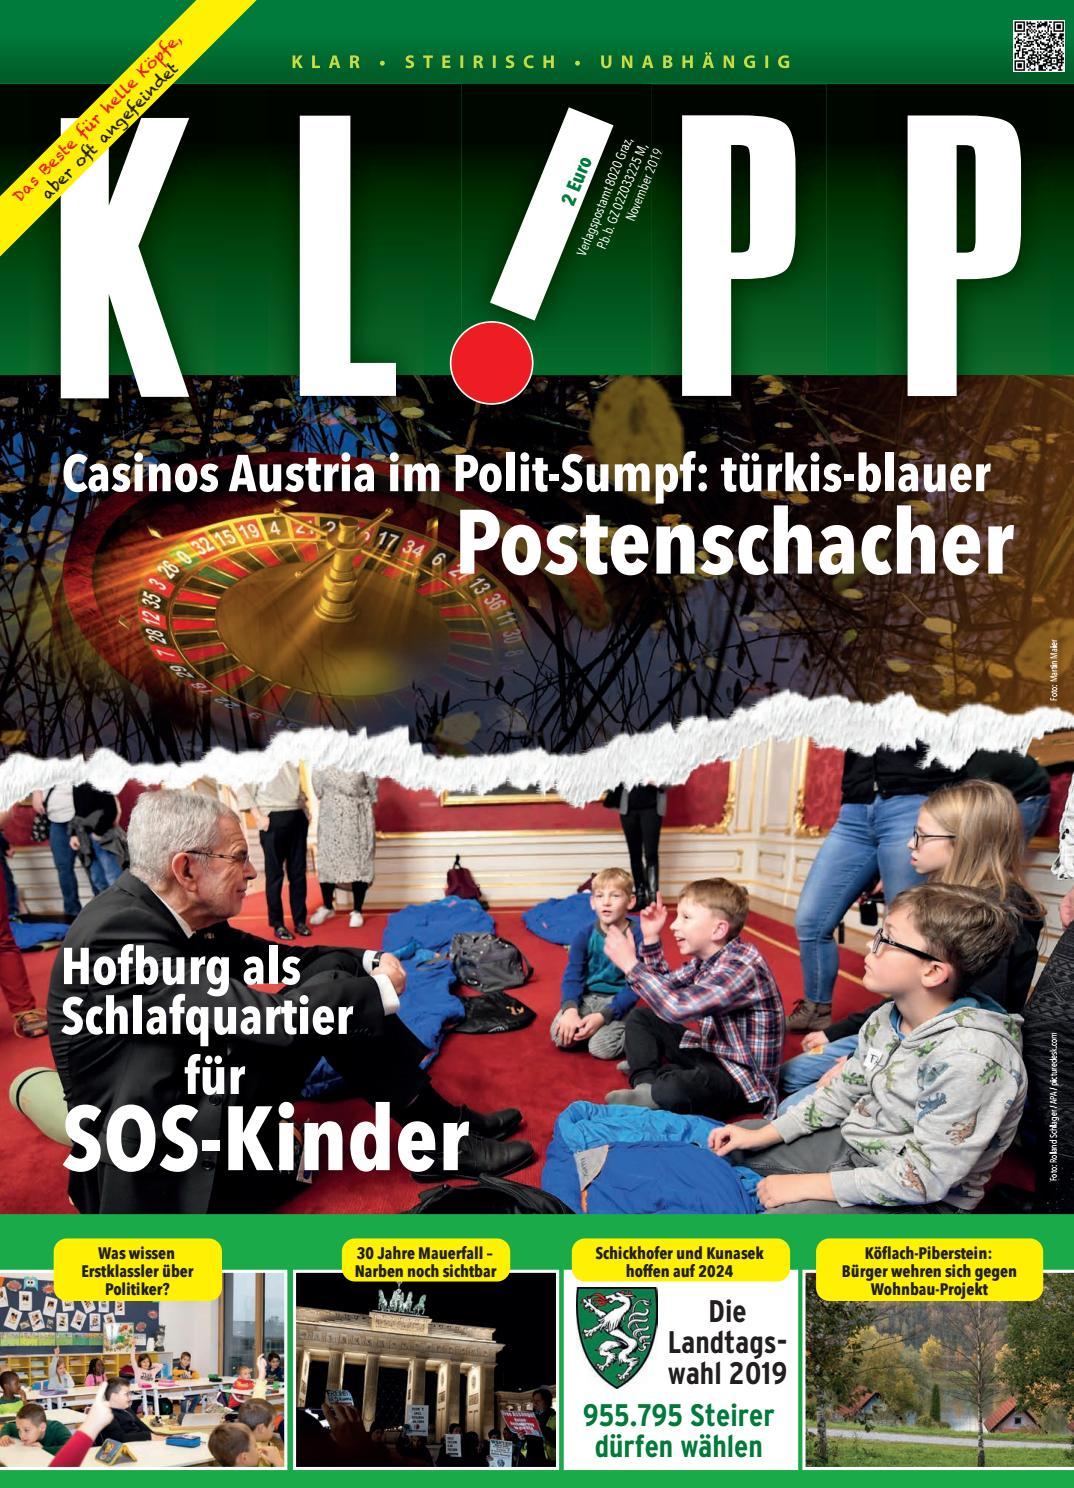 KLIPP November 2019 by Klipp Zeitschriften issuu